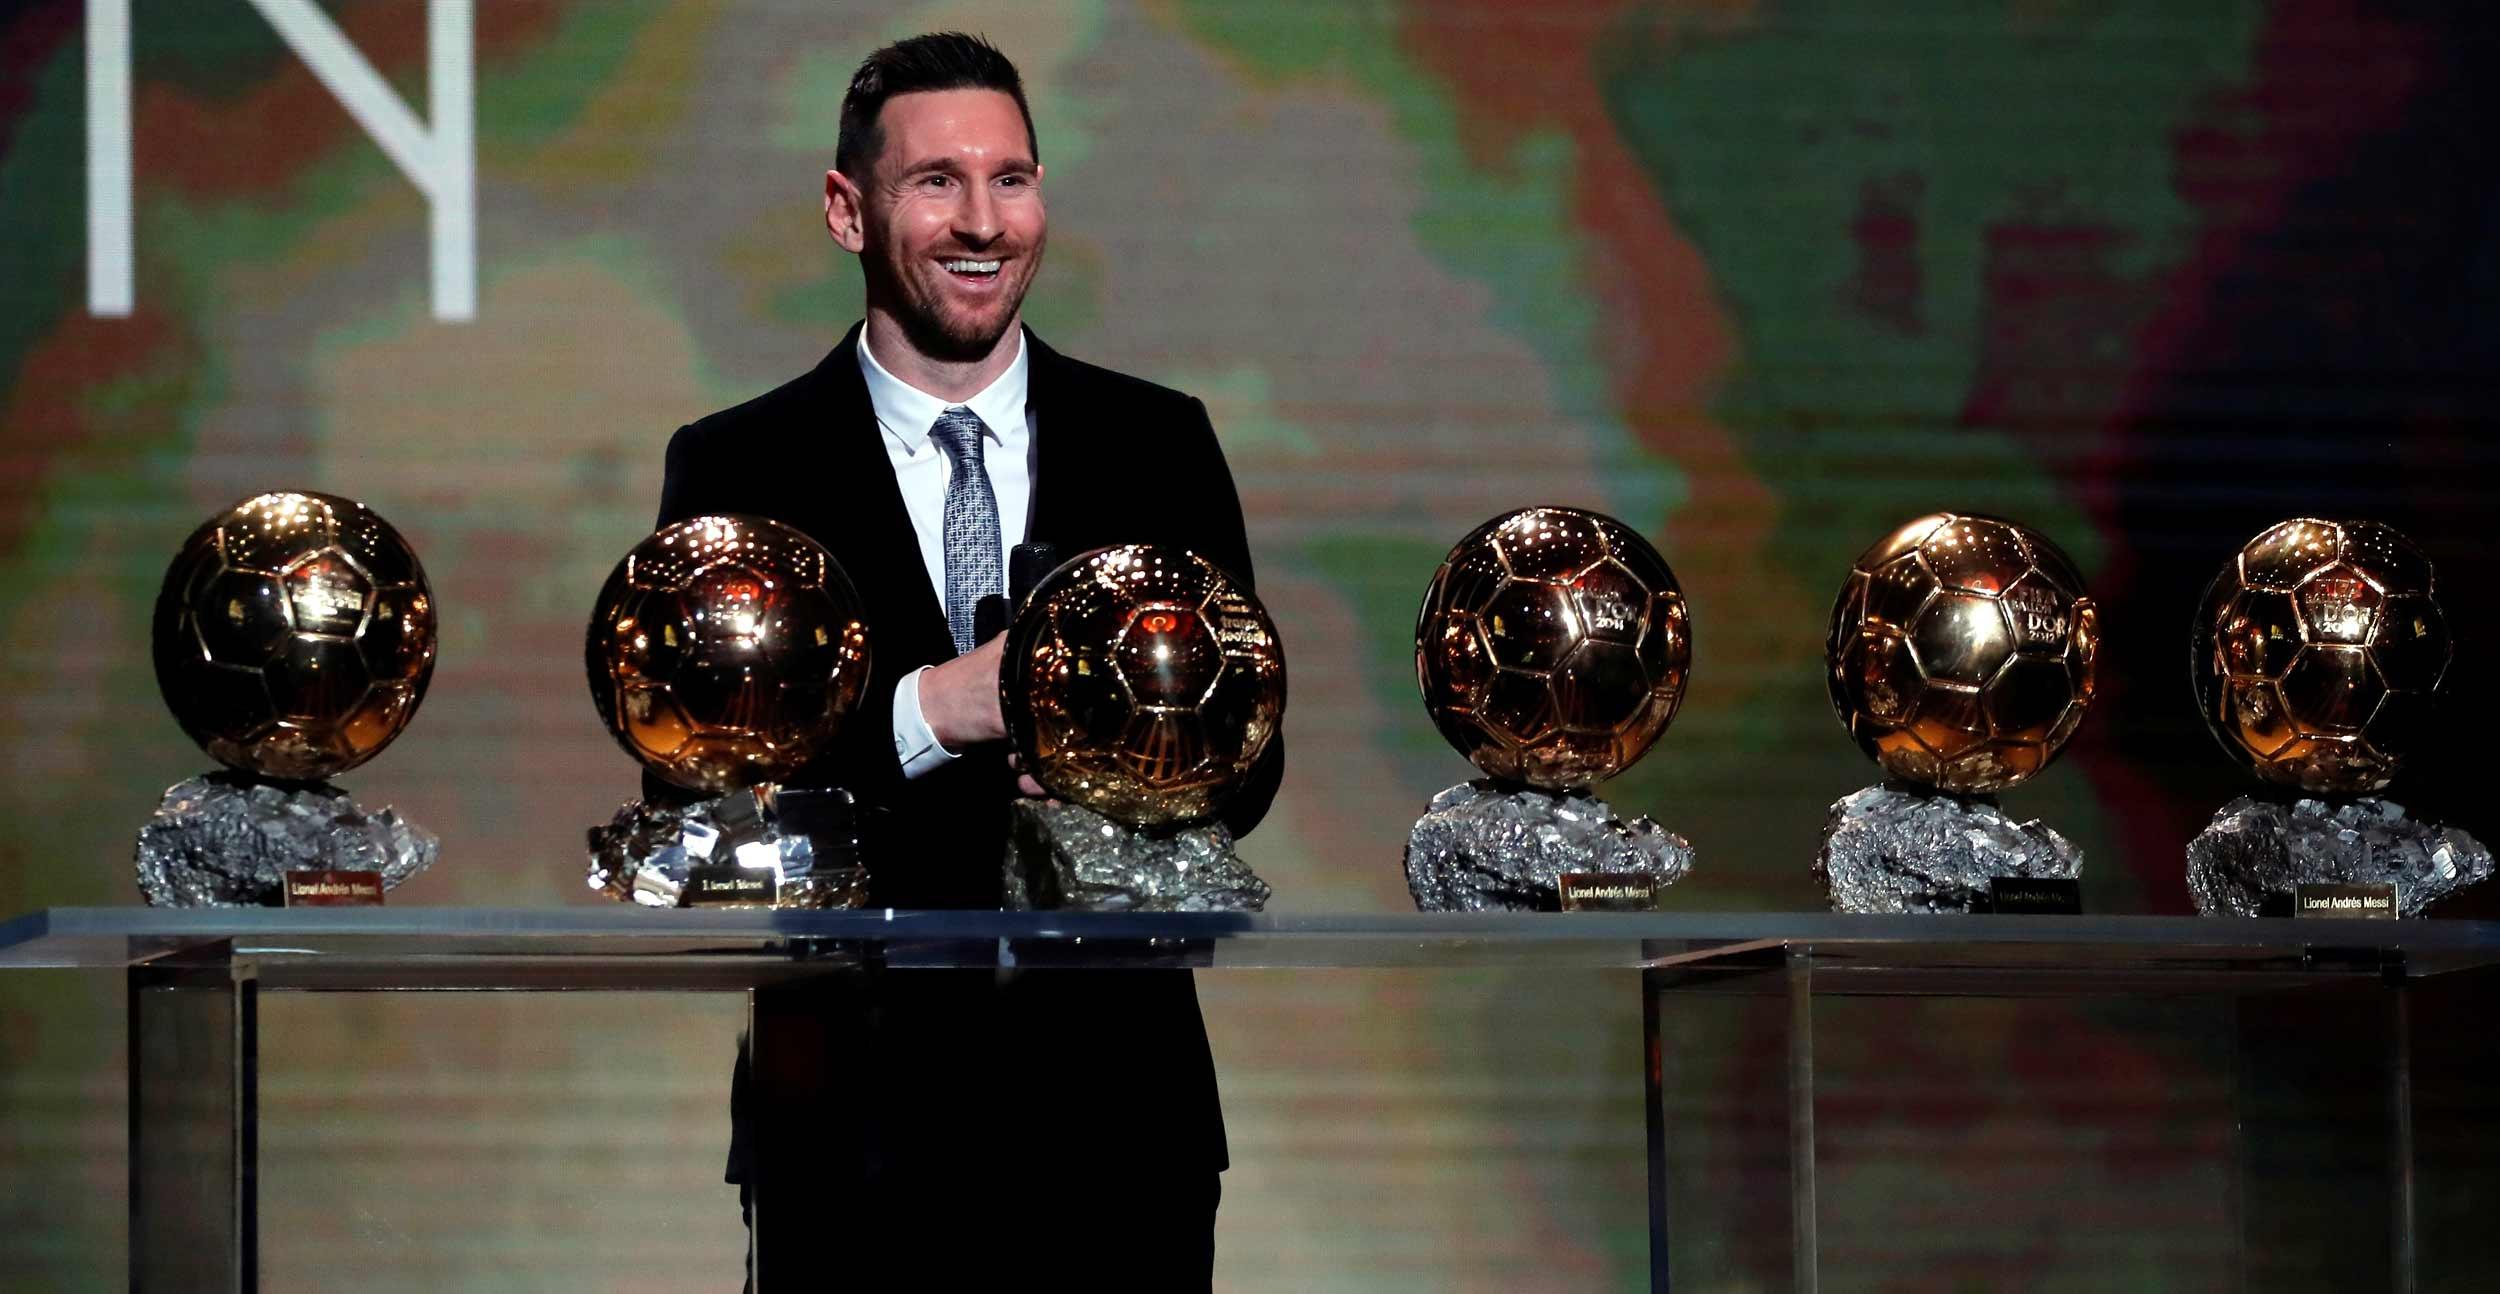 Messi tan solo aventajó en siete puntos a Van Dijk en la votación del Balón de oro